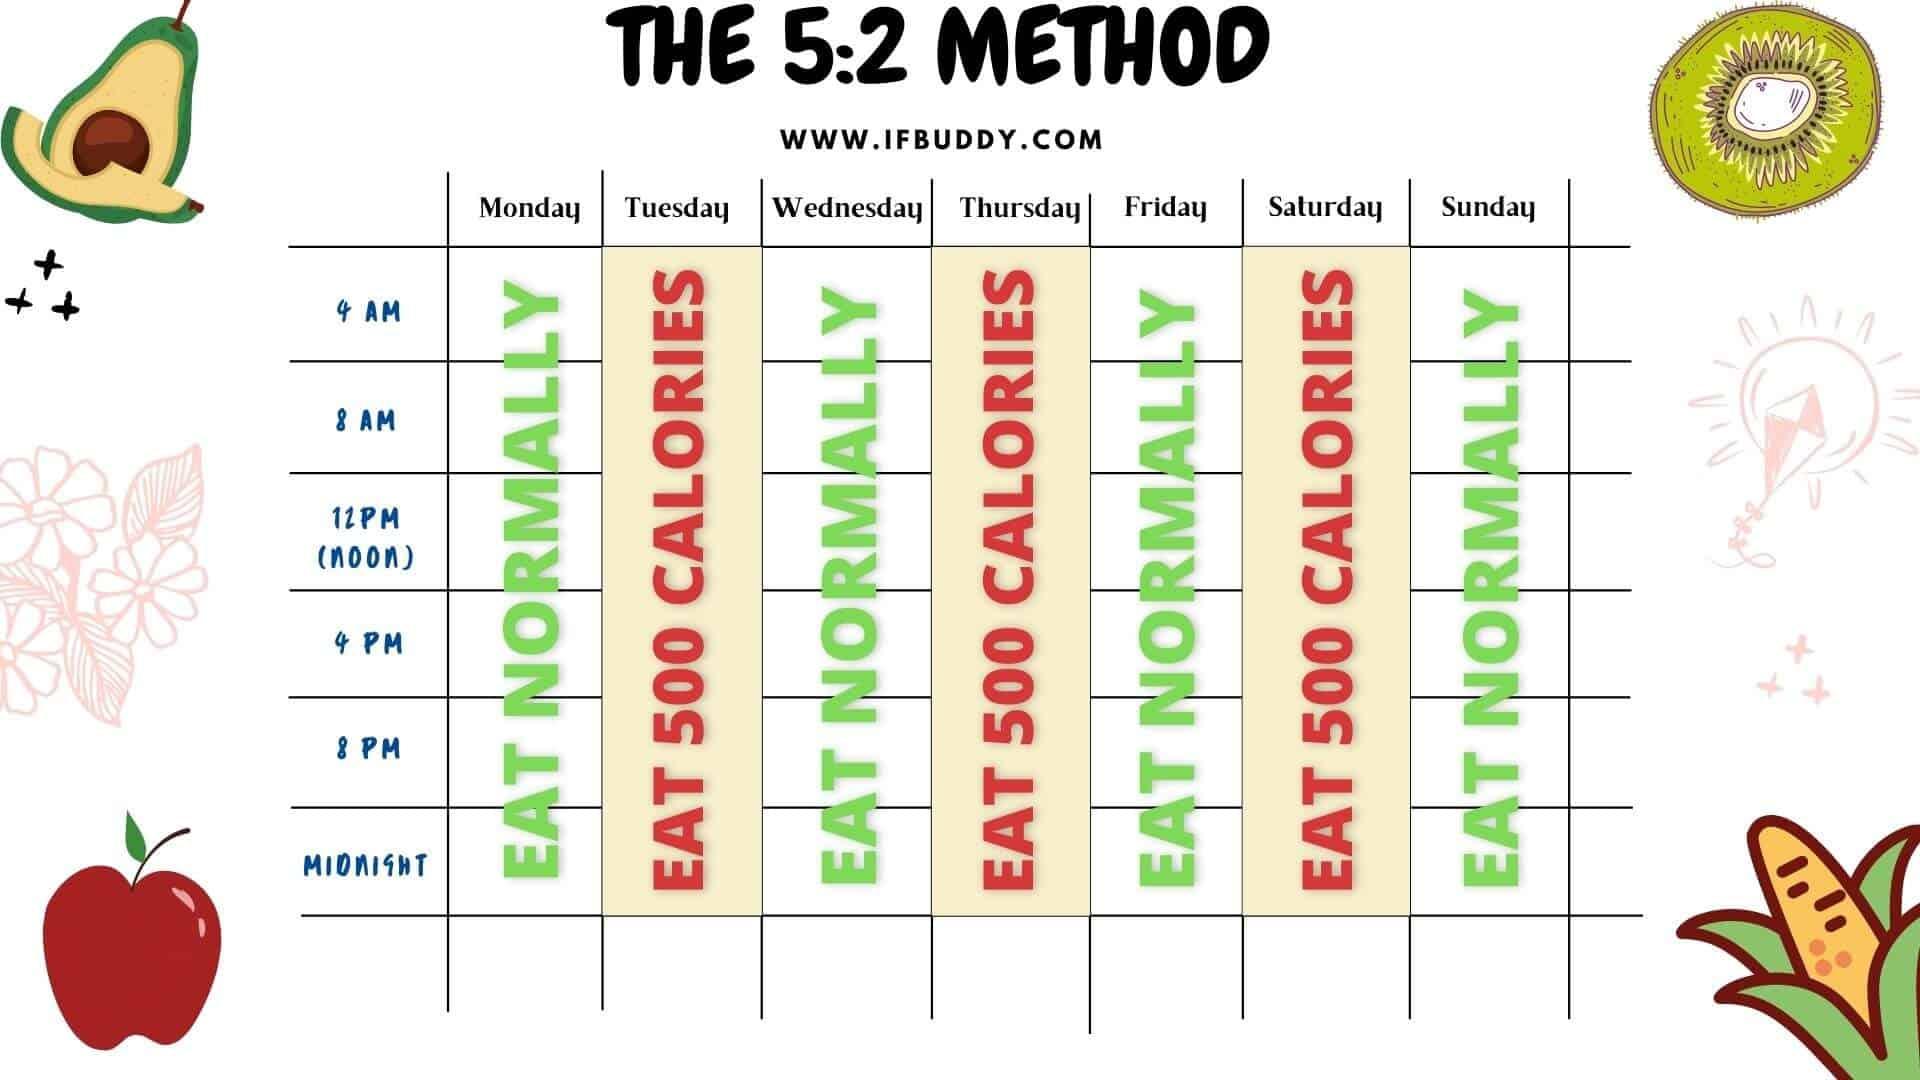 the 5:2 method